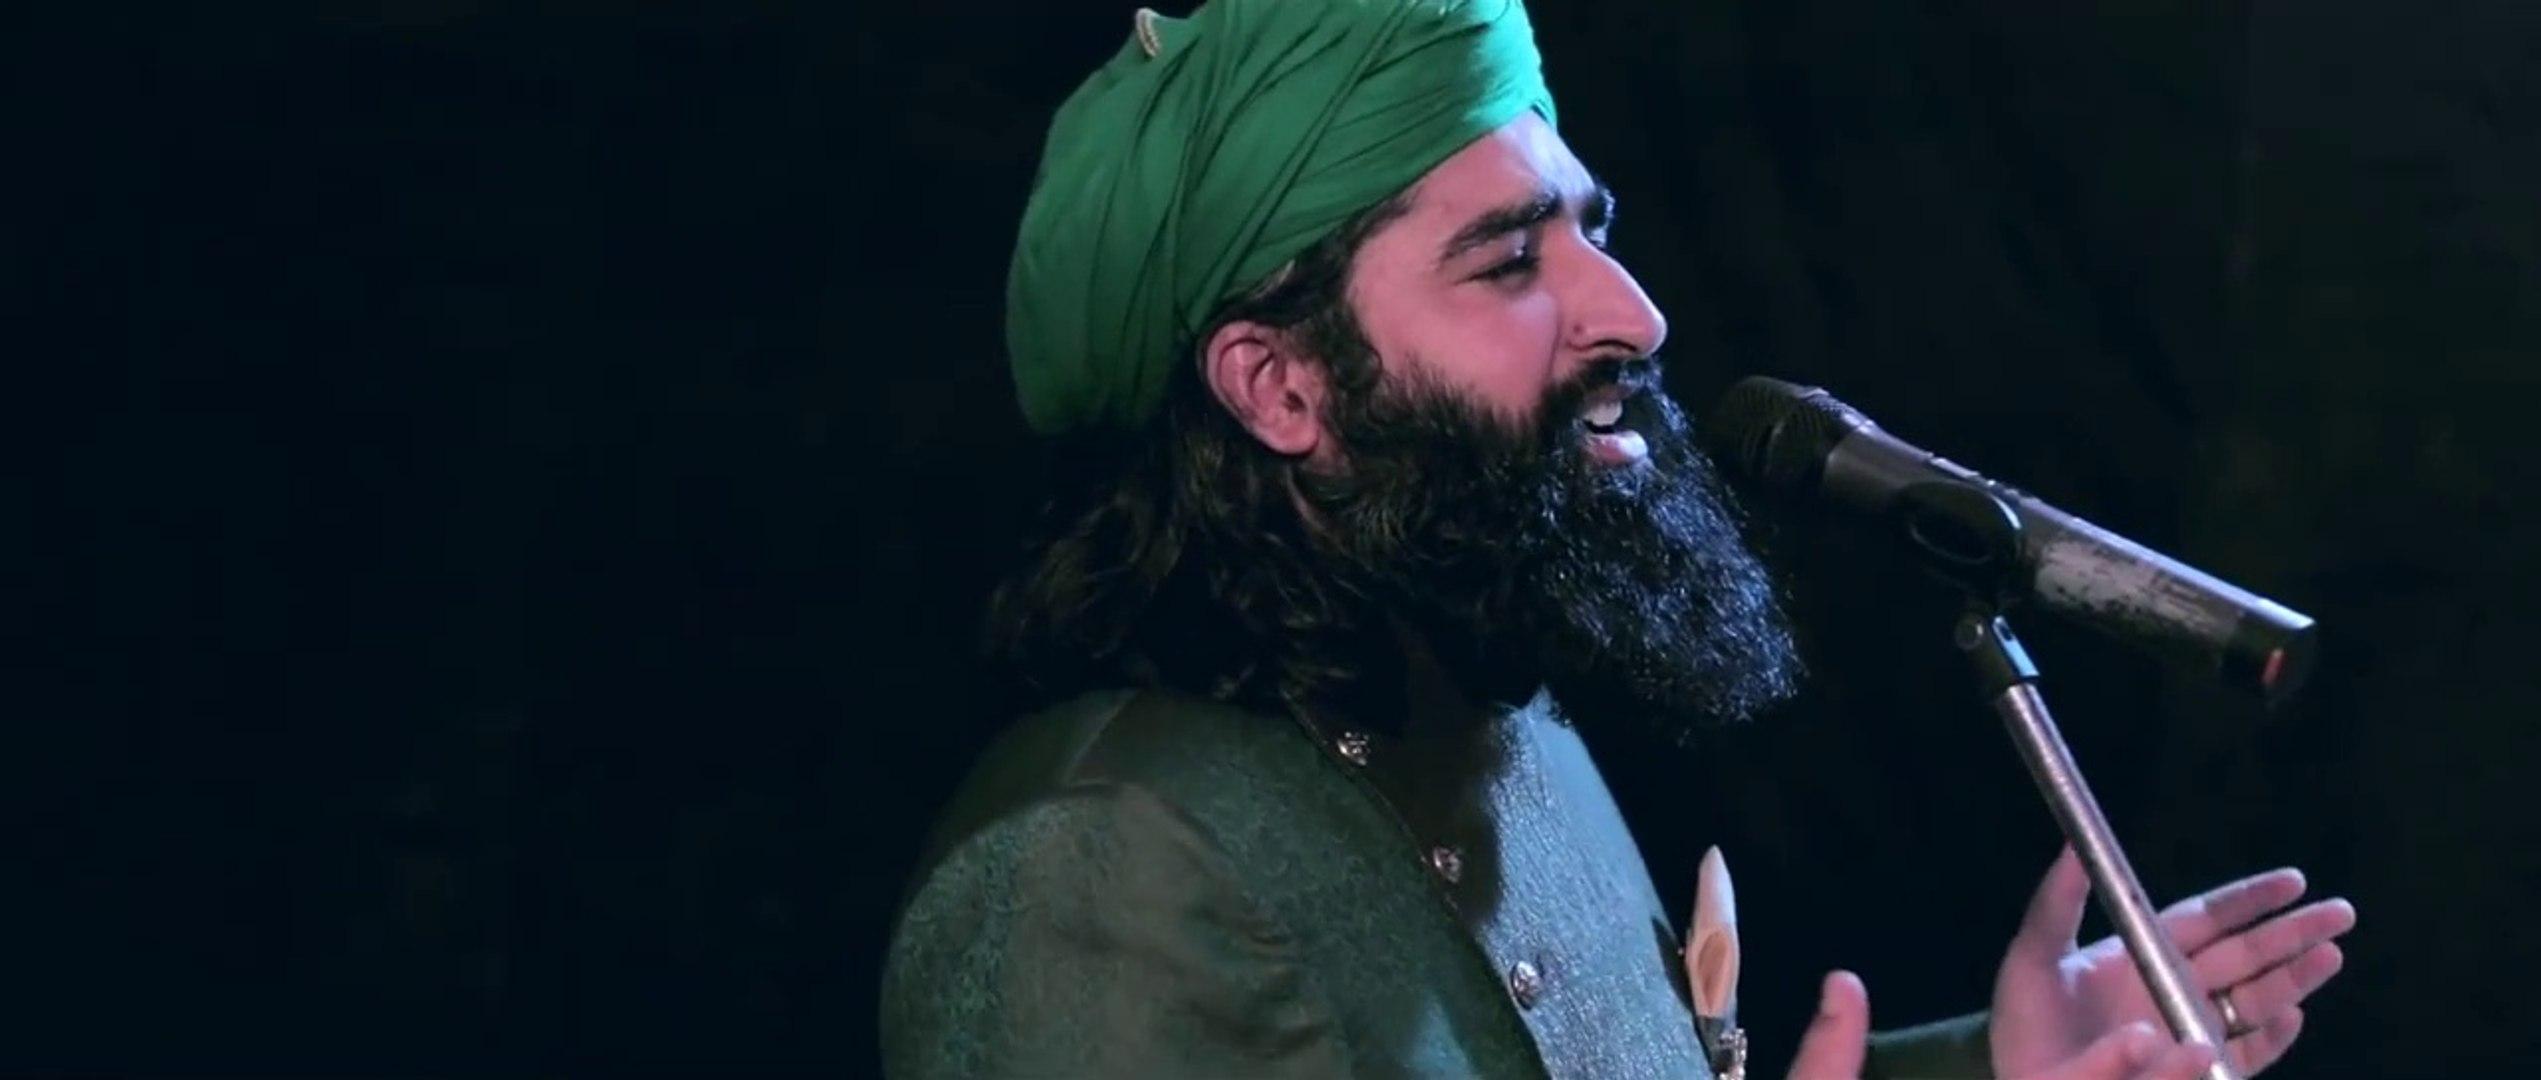 ALI MOLA ALI DAM DAM - Official Full Track - Remix - Tiktok Famous - 2019 - Sultan Ul Qadria Qawwal.